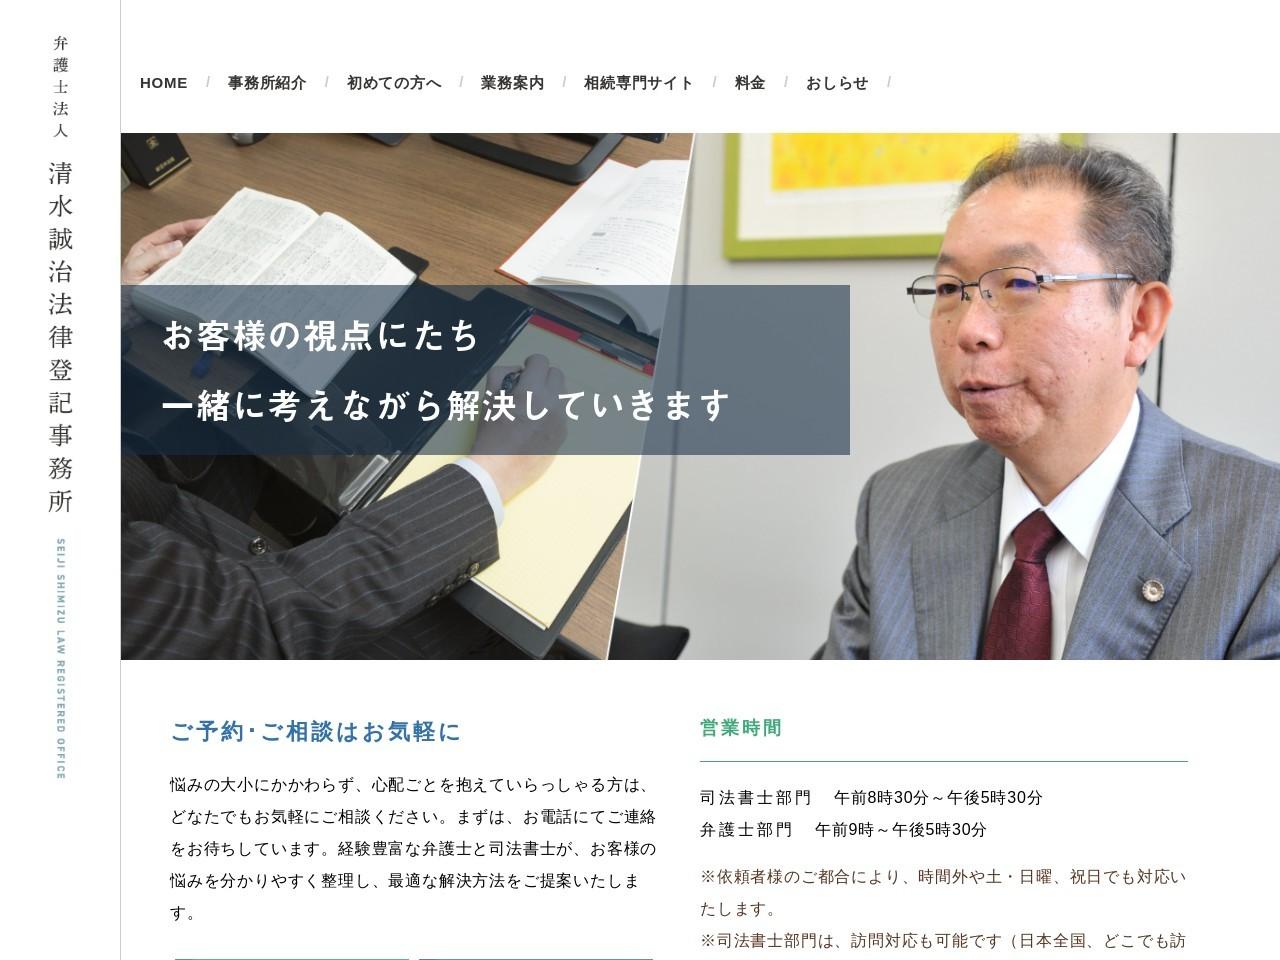 清水誠治法律登記事務所(弁護士法人)